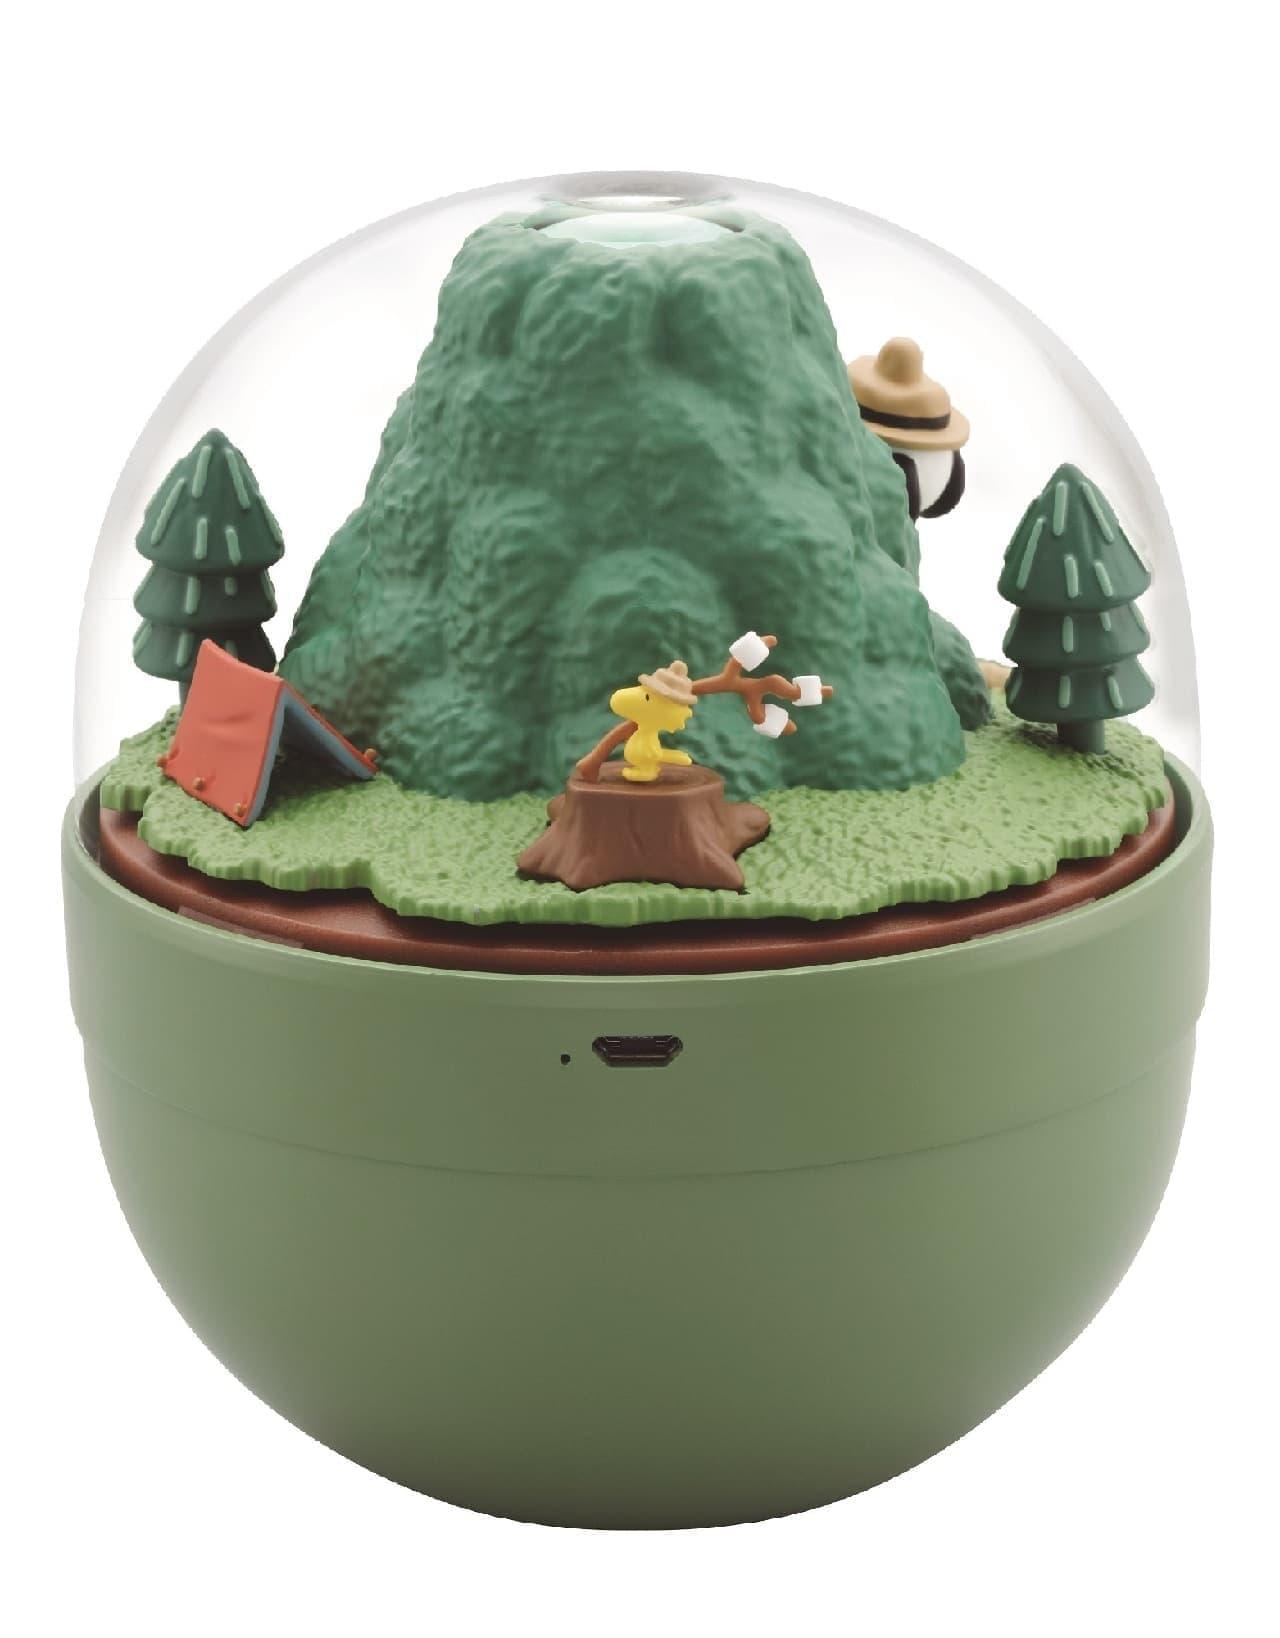 「スヌーピー ビーグル・スカウト加湿器」発売 -- 焼きマシュマロを楽しむ可愛いフィギュア